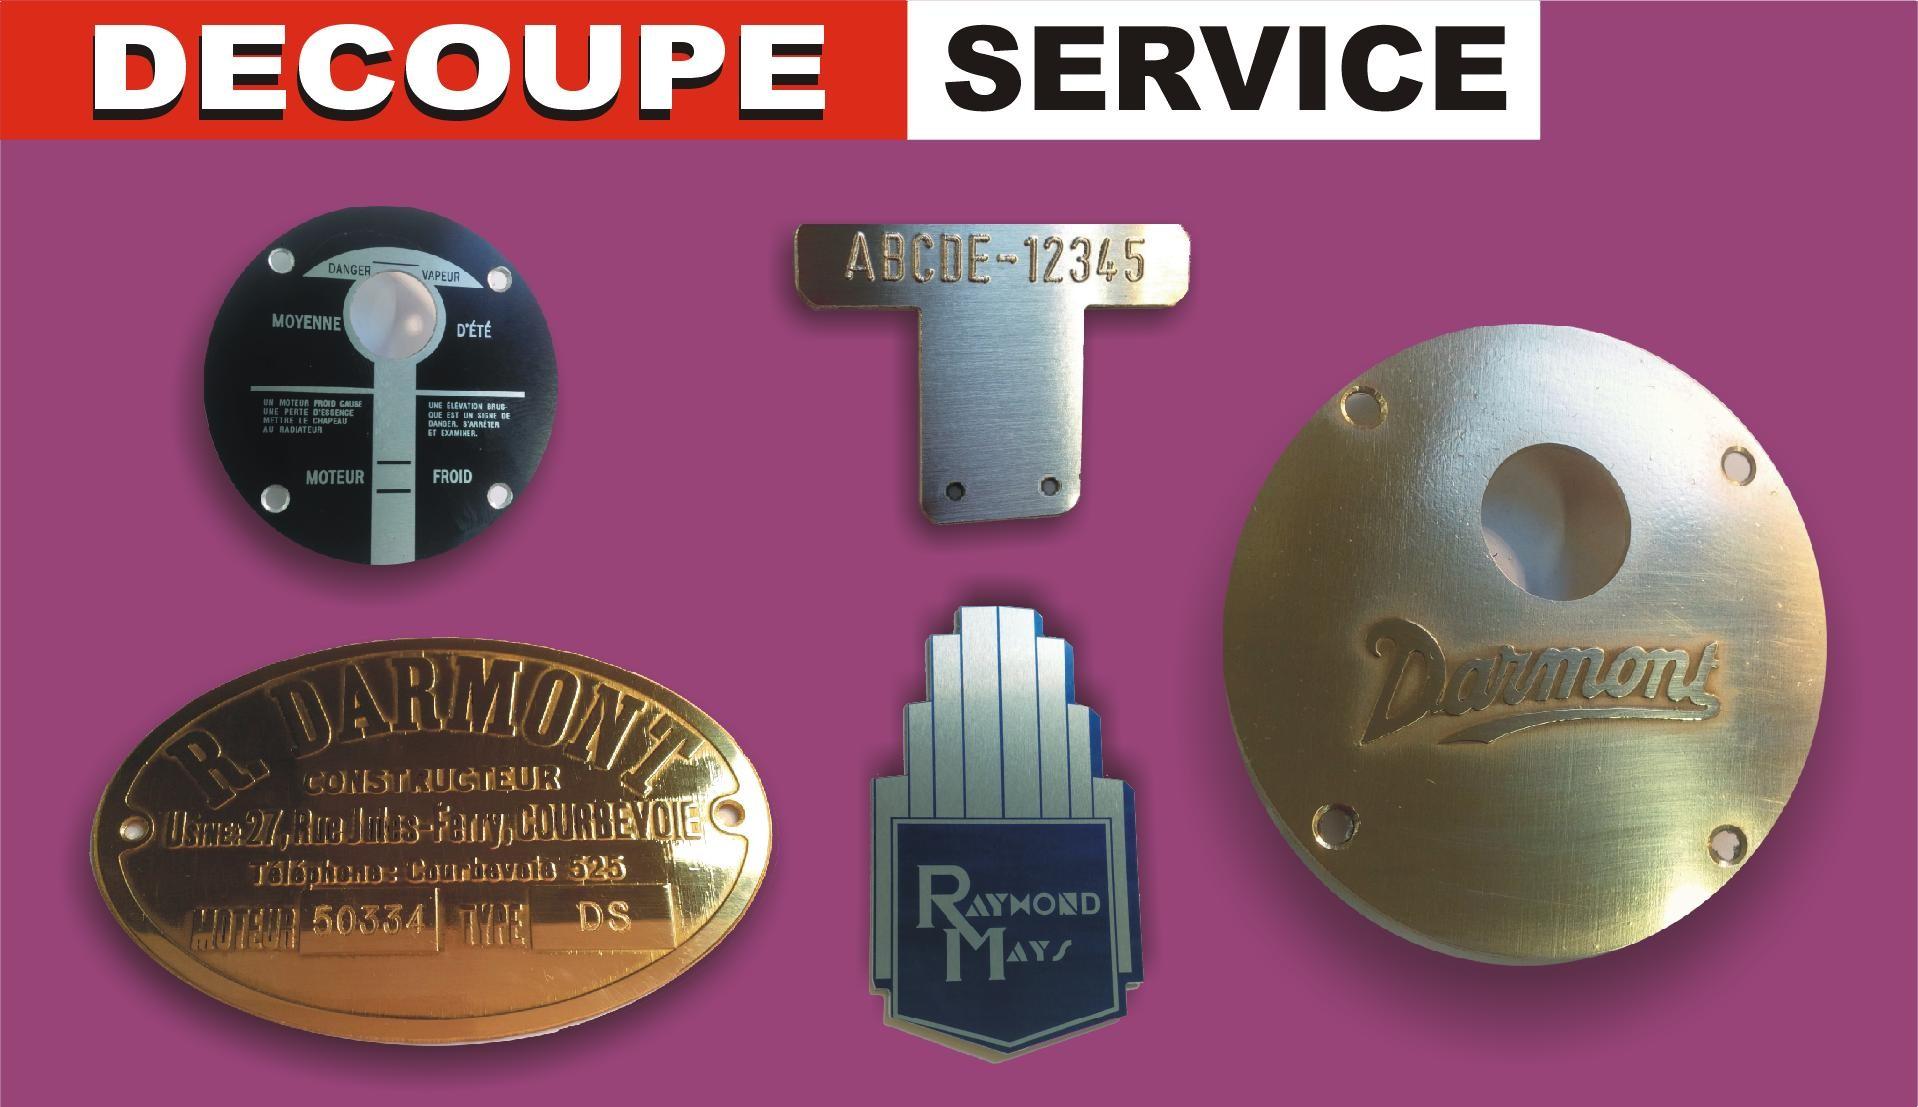 Découpe Service